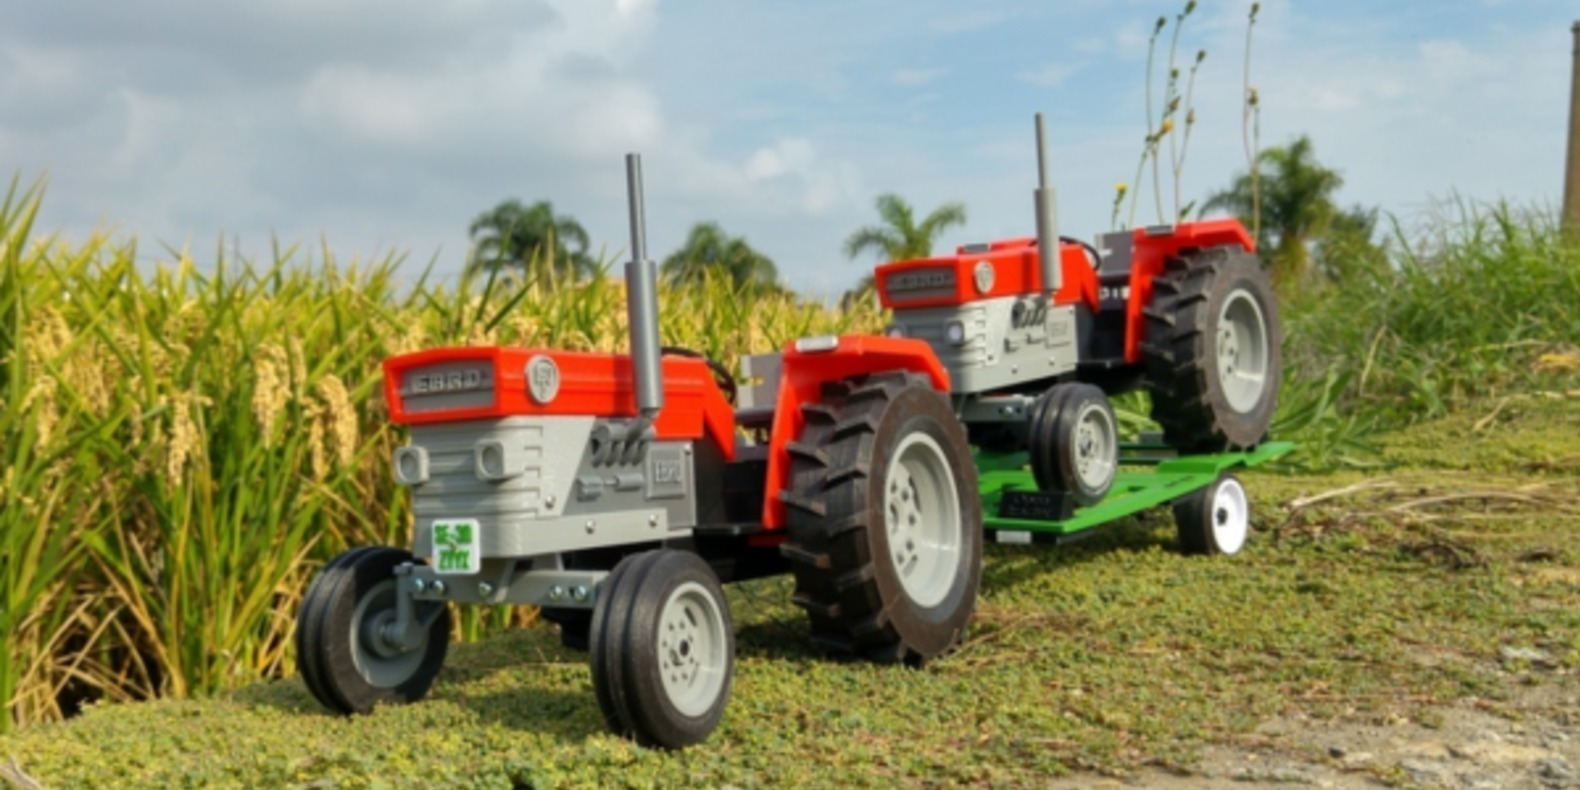 Tracteur-imprimé-en-3D-fichier-3D-cults-openRC-tractor-2.png